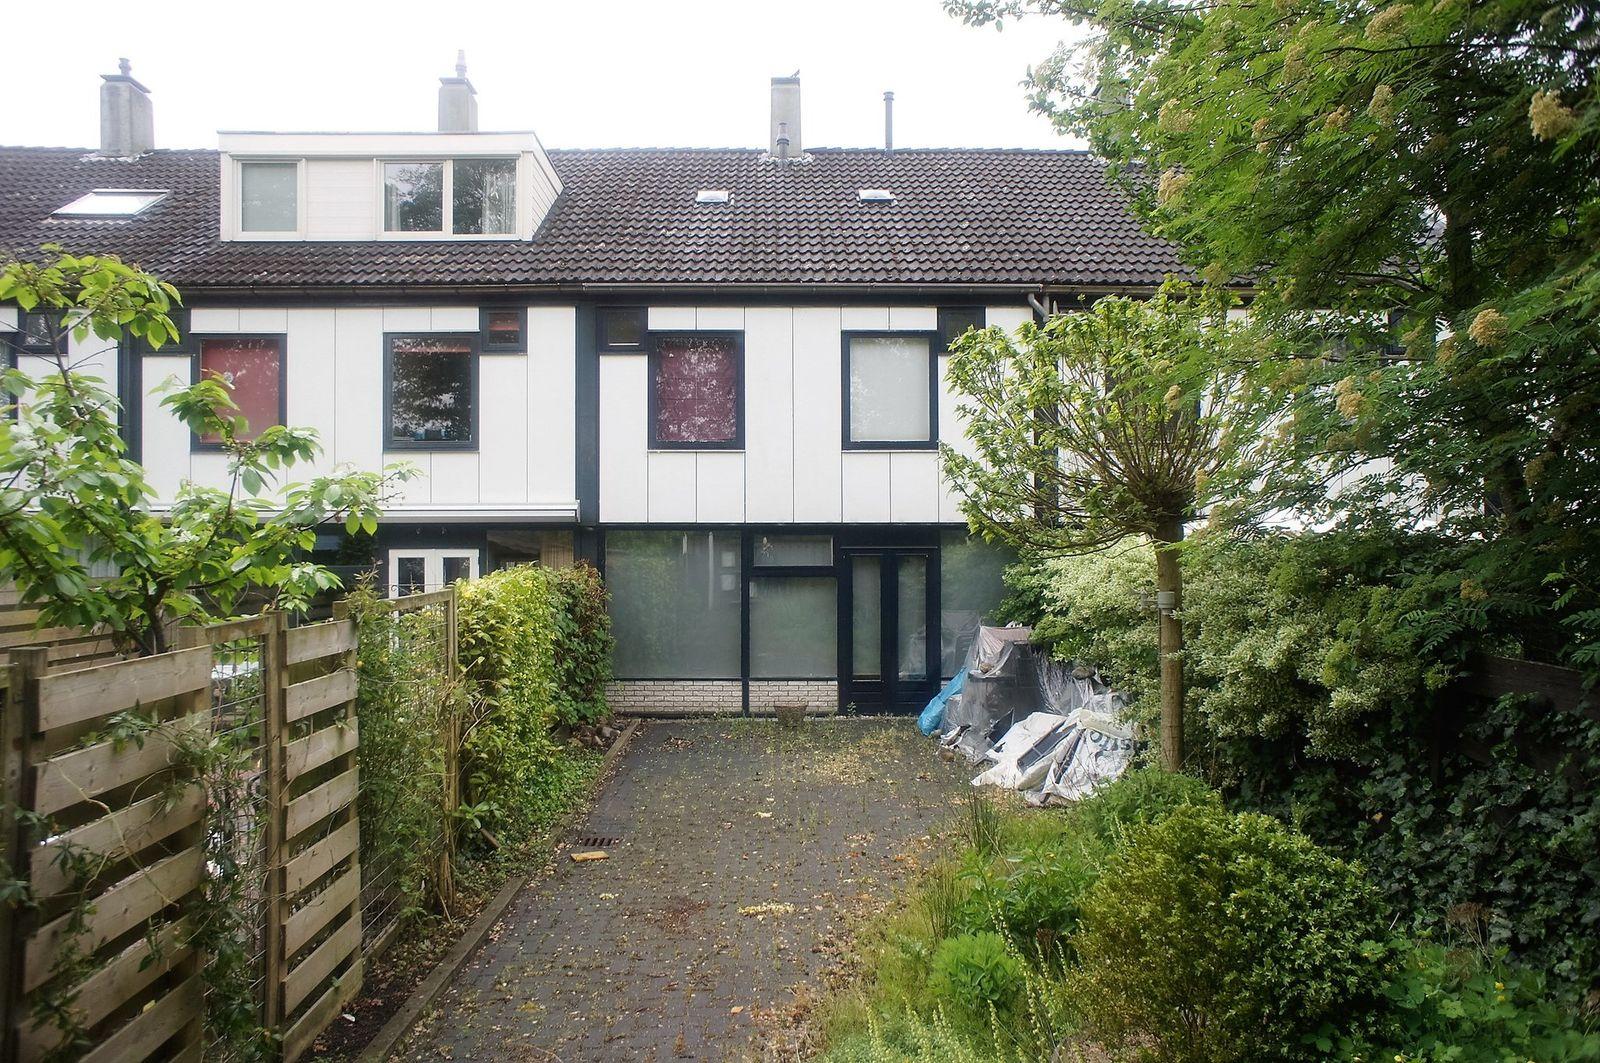 Roerdomplaan 52, Hoogeveen